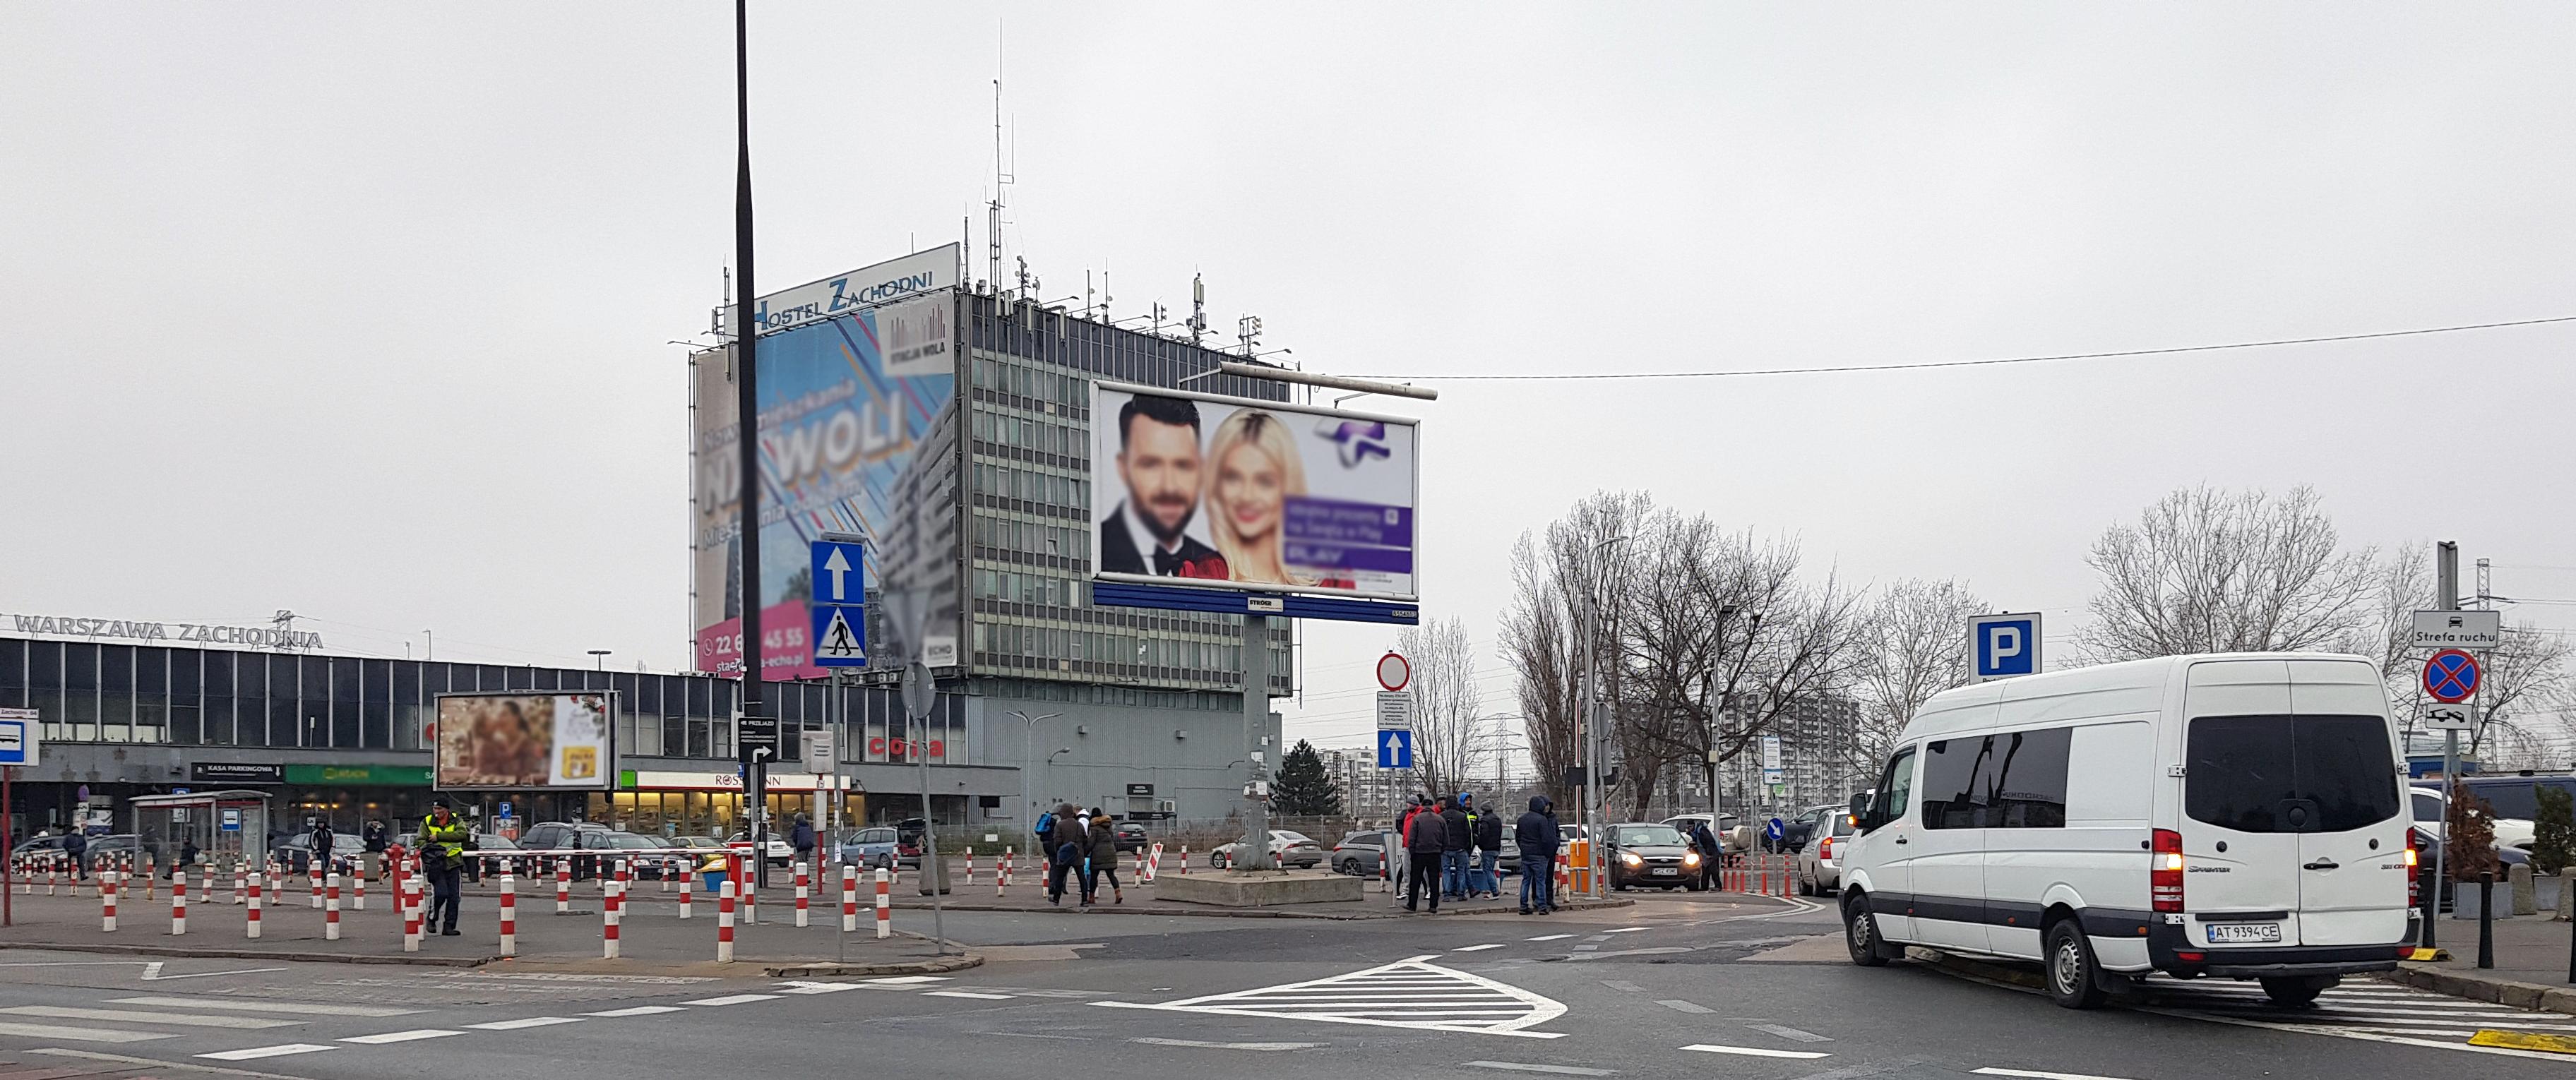 Warszawa reklamy zachodni